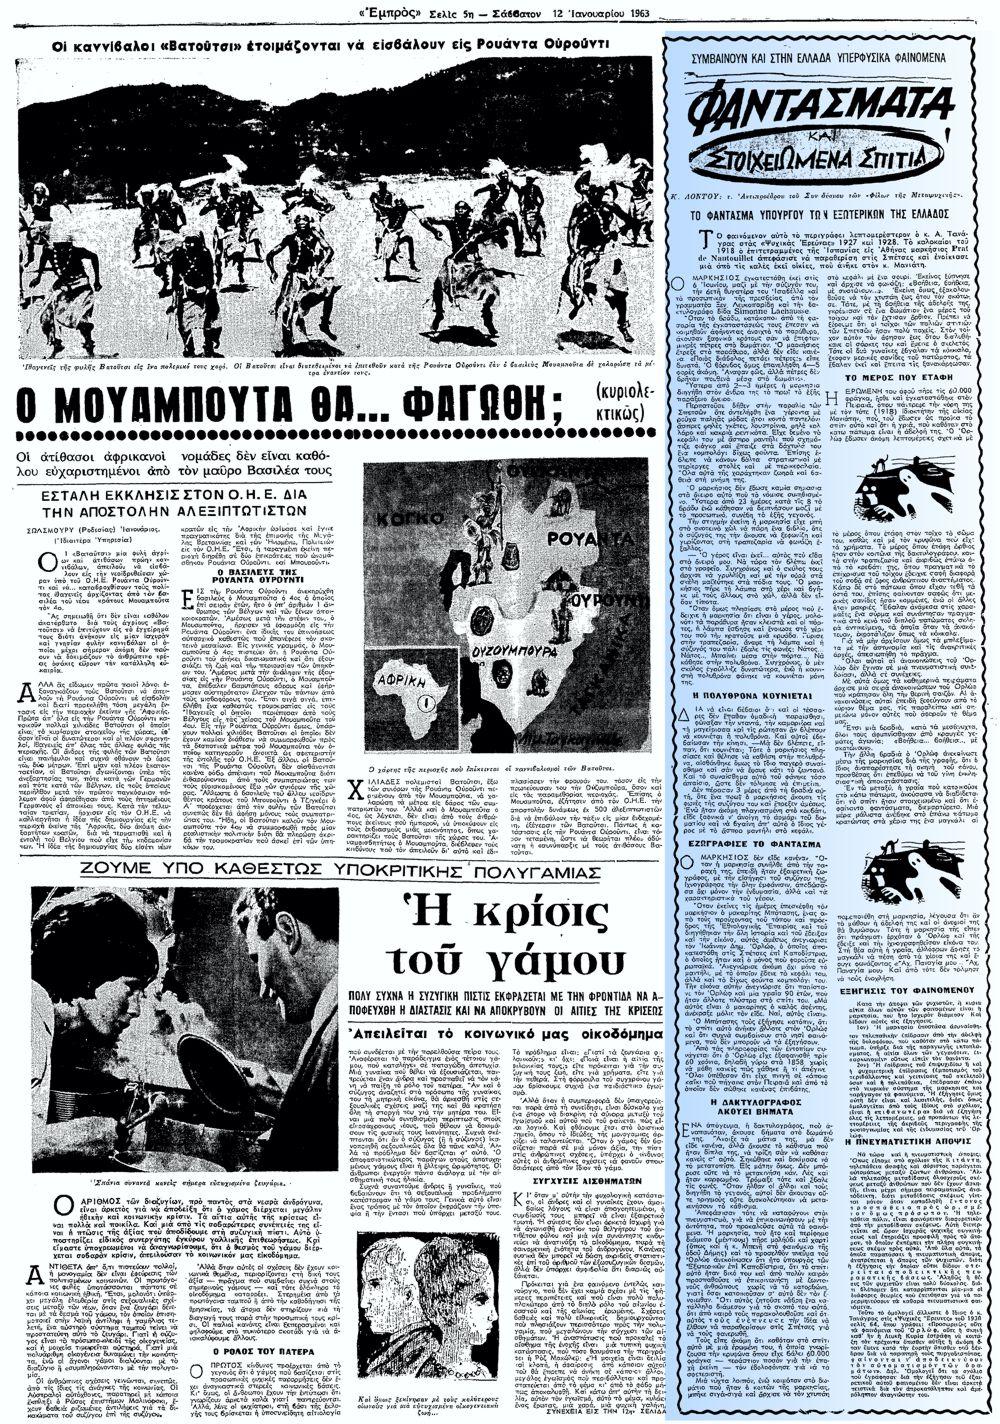 """Το άρθρο, όπως δημοσιεύθηκε στην εφημερίδα """"ΕΜΠΡΟΣ"""", την 12/01/1963"""